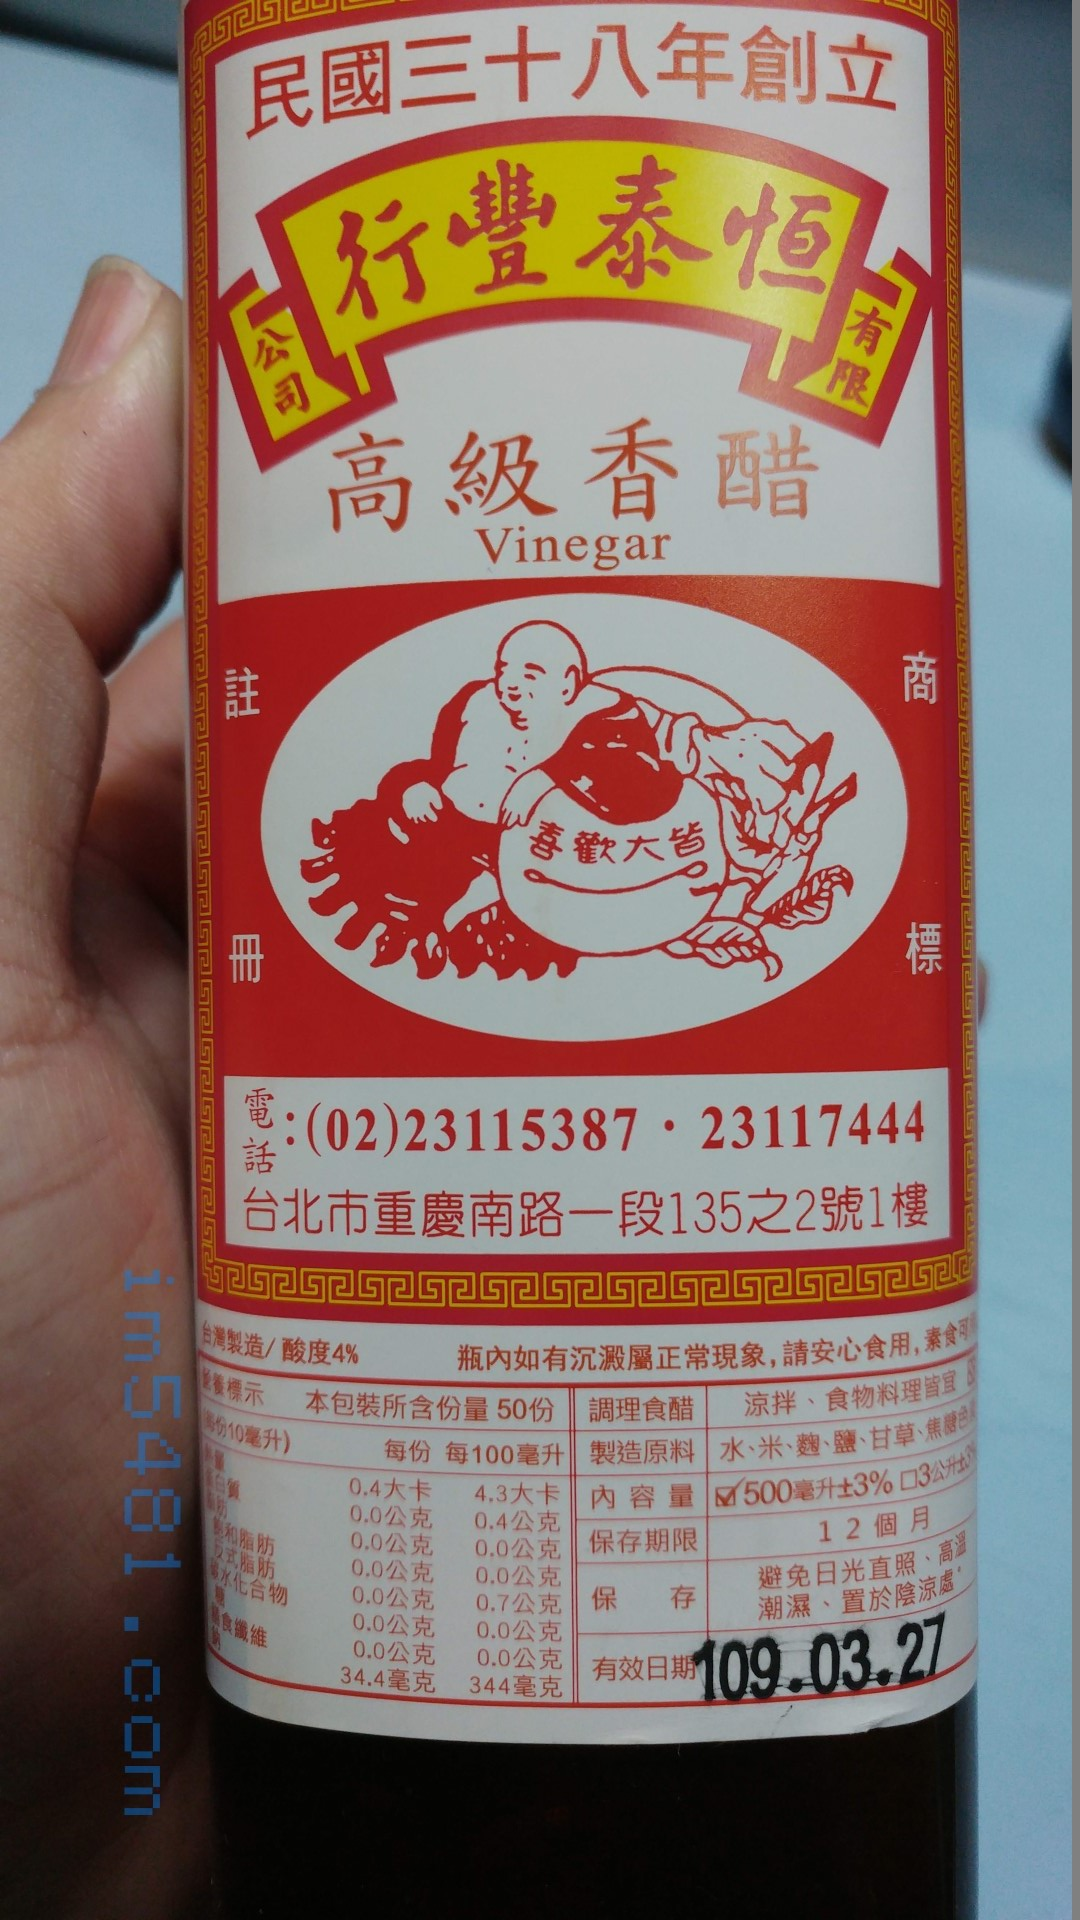 恆泰豐行-高級香醋-06